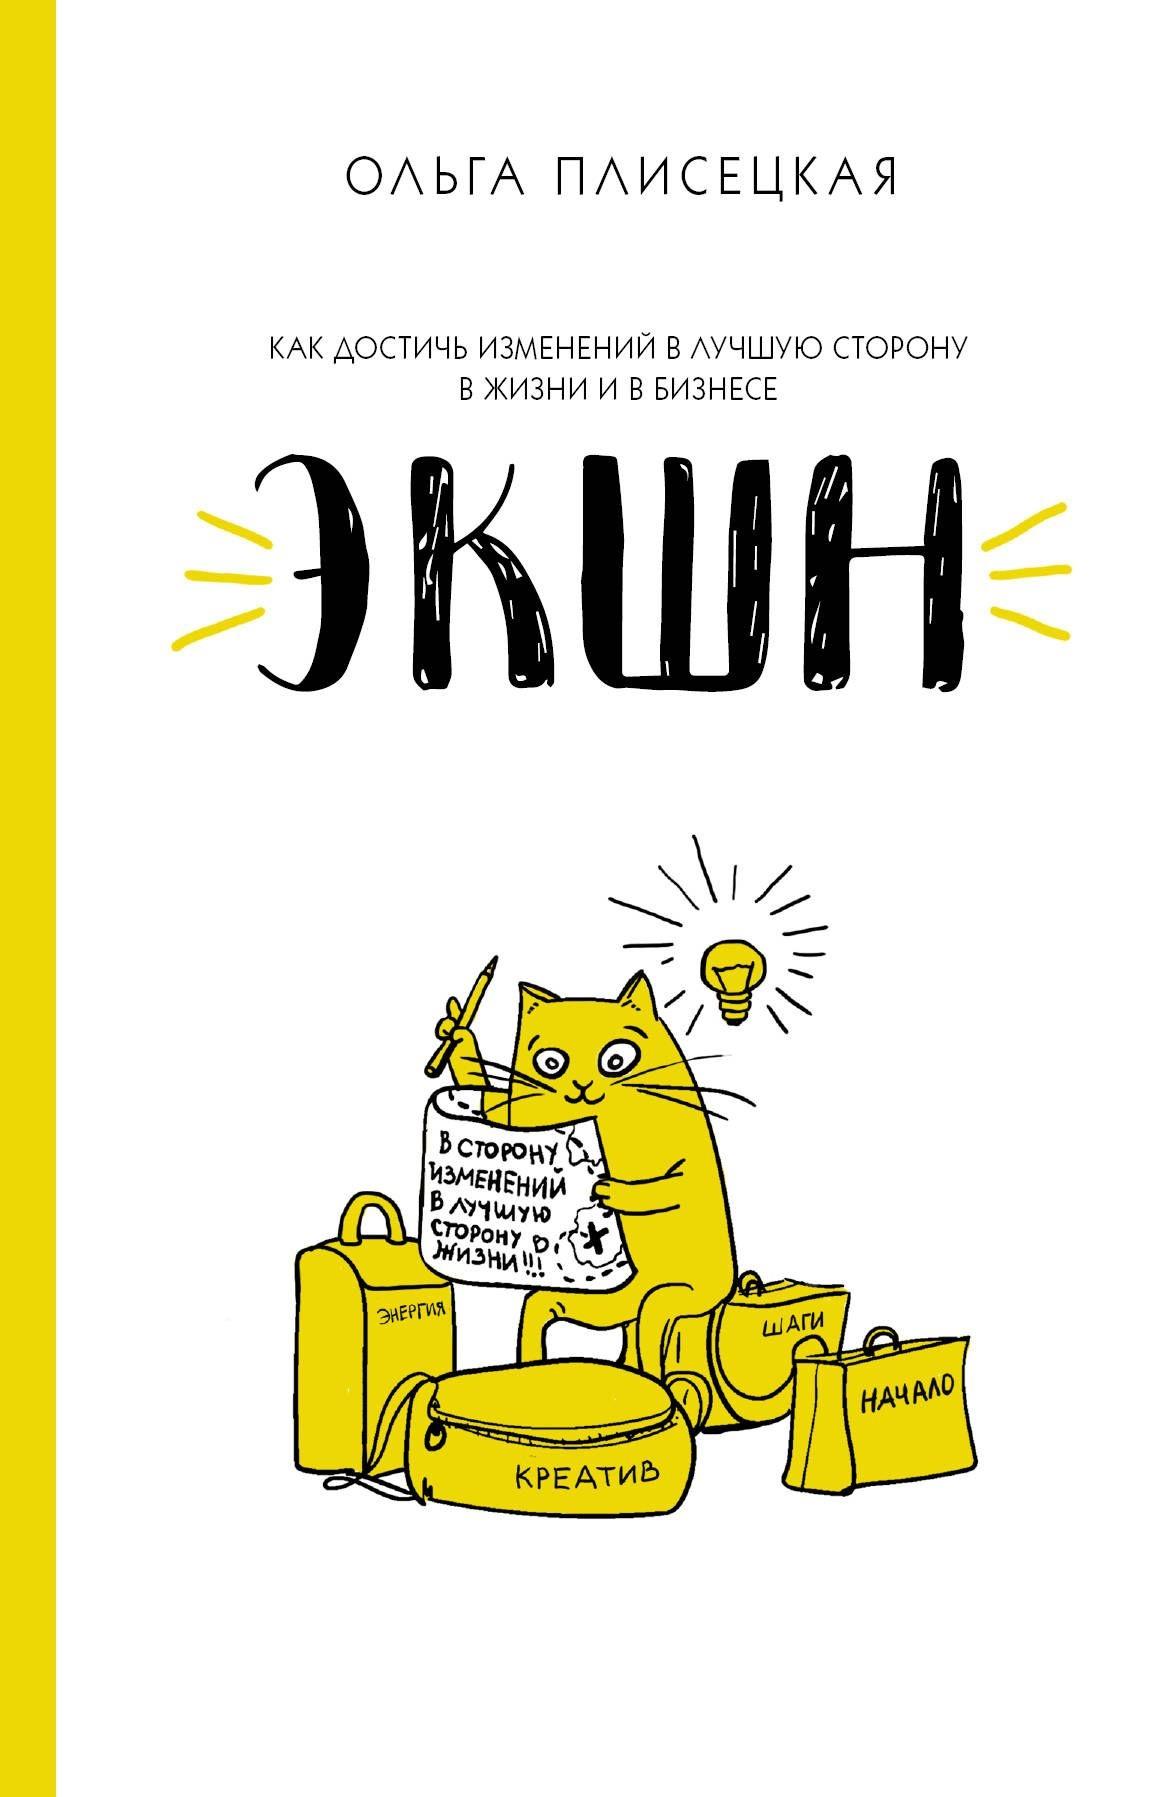 Купить Психология, Экшн для бизнеса и жизни, Оля Плисецкая, 978-5-17-106080-0